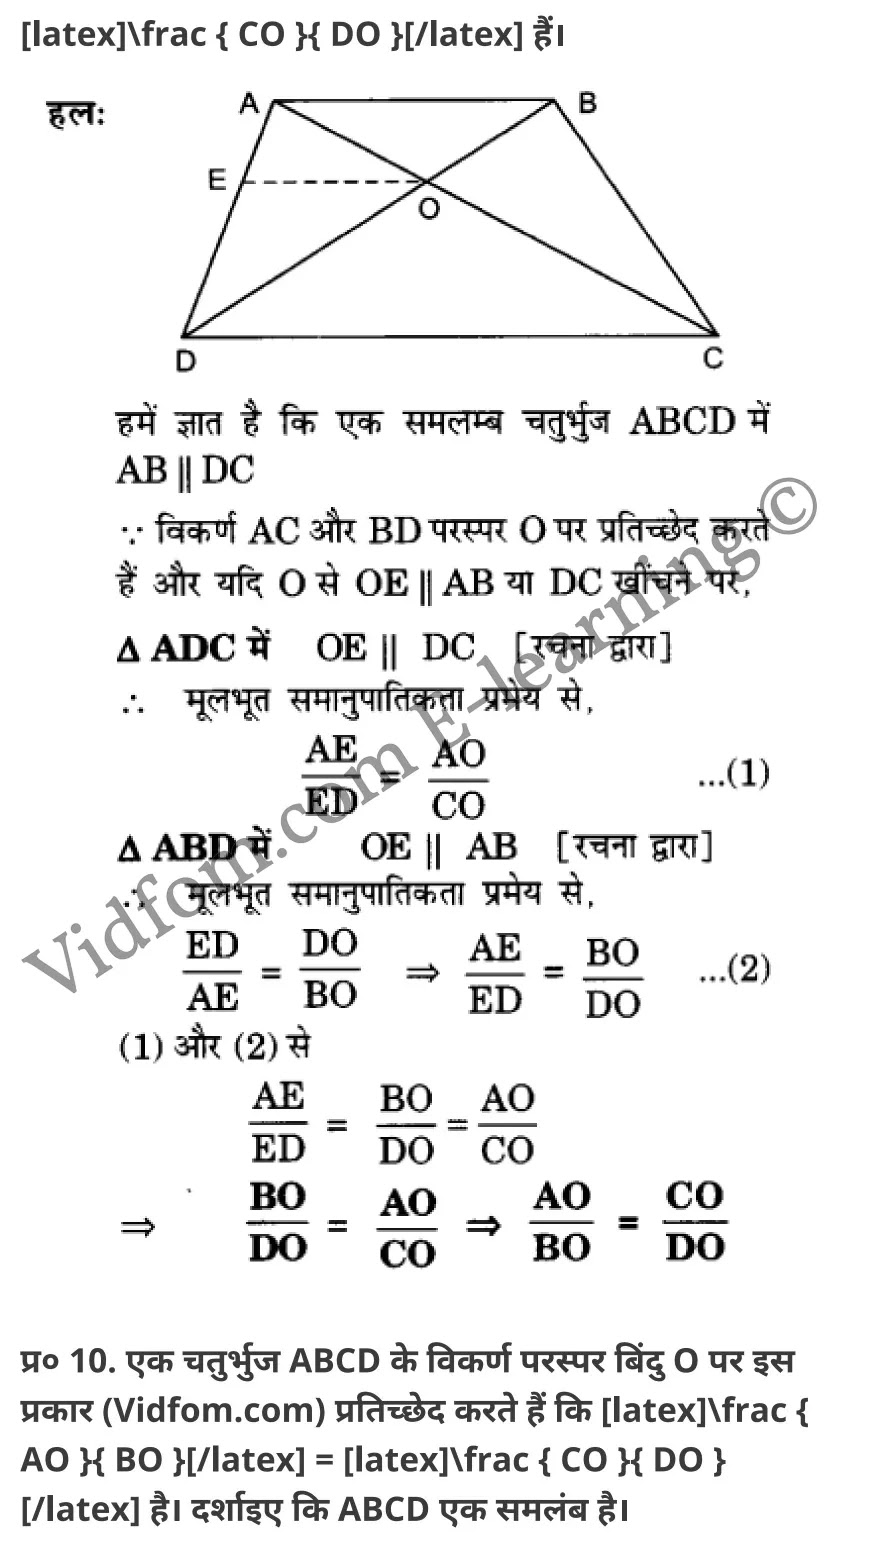 कक्षा 10 गणित  के नोट्स  हिंदी में एनसीईआरटी समाधान,     class 10 Maths chapter 6,   class 10 Maths chapter 6 ncert solutions in Maths,  class 10 Maths chapter 6 notes in hindi,   class 10 Maths chapter 6 question answer,   class 10 Maths chapter 6 notes,   class 10 Maths chapter 6 class 10 Maths  chapter 6 in  hindi,    class 10 Maths chapter 6 important questions in  hindi,   class 10 Maths hindi  chapter 6 notes in hindi,   class 10 Maths  chapter 6 test,   class 10 Maths  chapter 6 class 10 Maths  chapter 6 pdf,   class 10 Maths  chapter 6 notes pdf,   class 10 Maths  chapter 6 exercise solutions,  class 10 Maths  chapter 6,  class 10 Maths  chapter 6 notes study rankers,  class 10 Maths  chapter 6 notes,   class 10 Maths hindi  chapter 6 notes,    class 10 Maths   chapter 6  class 10  notes pdf,  class 10 Maths  chapter 6 class 10  notes  ncert,  class 10 Maths  chapter 6 class 10 pdf,   class 10 Maths  chapter 6  book,   class 10 Maths  chapter 6 quiz class 10  ,    10  th class 10 Maths chapter 6  book up board,   up board 10  th class 10 Maths chapter 6 notes,  class 10 Maths,   class 10 Maths ncert solutions in Maths,   class 10 Maths notes in hindi,   class 10 Maths question answer,   class 10 Maths notes,  class 10 Maths class 10 Maths  chapter 6 in  hindi,    class 10 Maths important questions in  hindi,   class 10 Maths notes in hindi,    class 10 Maths test,  class 10 Maths class 10 Maths  chapter 6 pdf,   class 10 Maths notes pdf,   class 10 Maths exercise solutions,   class 10 Maths,  class 10 Maths notes study rankers,   class 10 Maths notes,  class 10 Maths notes,   class 10 Maths  class 10  notes pdf,   class 10 Maths class 10  notes  ncert,   class 10 Maths class 10 pdf,   class 10 Maths  book,  class 10 Maths quiz class 10  ,  10  th class 10 Maths    book up board,    up board 10  th class 10 Maths notes,      कक्षा 10 गणित अध्याय 6 ,  कक्षा 10 गणित, कक्षा 10 गणित अध्याय 6  के नोट्स हिंदी में,  कक्षा 10 का गणित अध्याय 6 का प्रश्न उत्तर,  कक्षा 